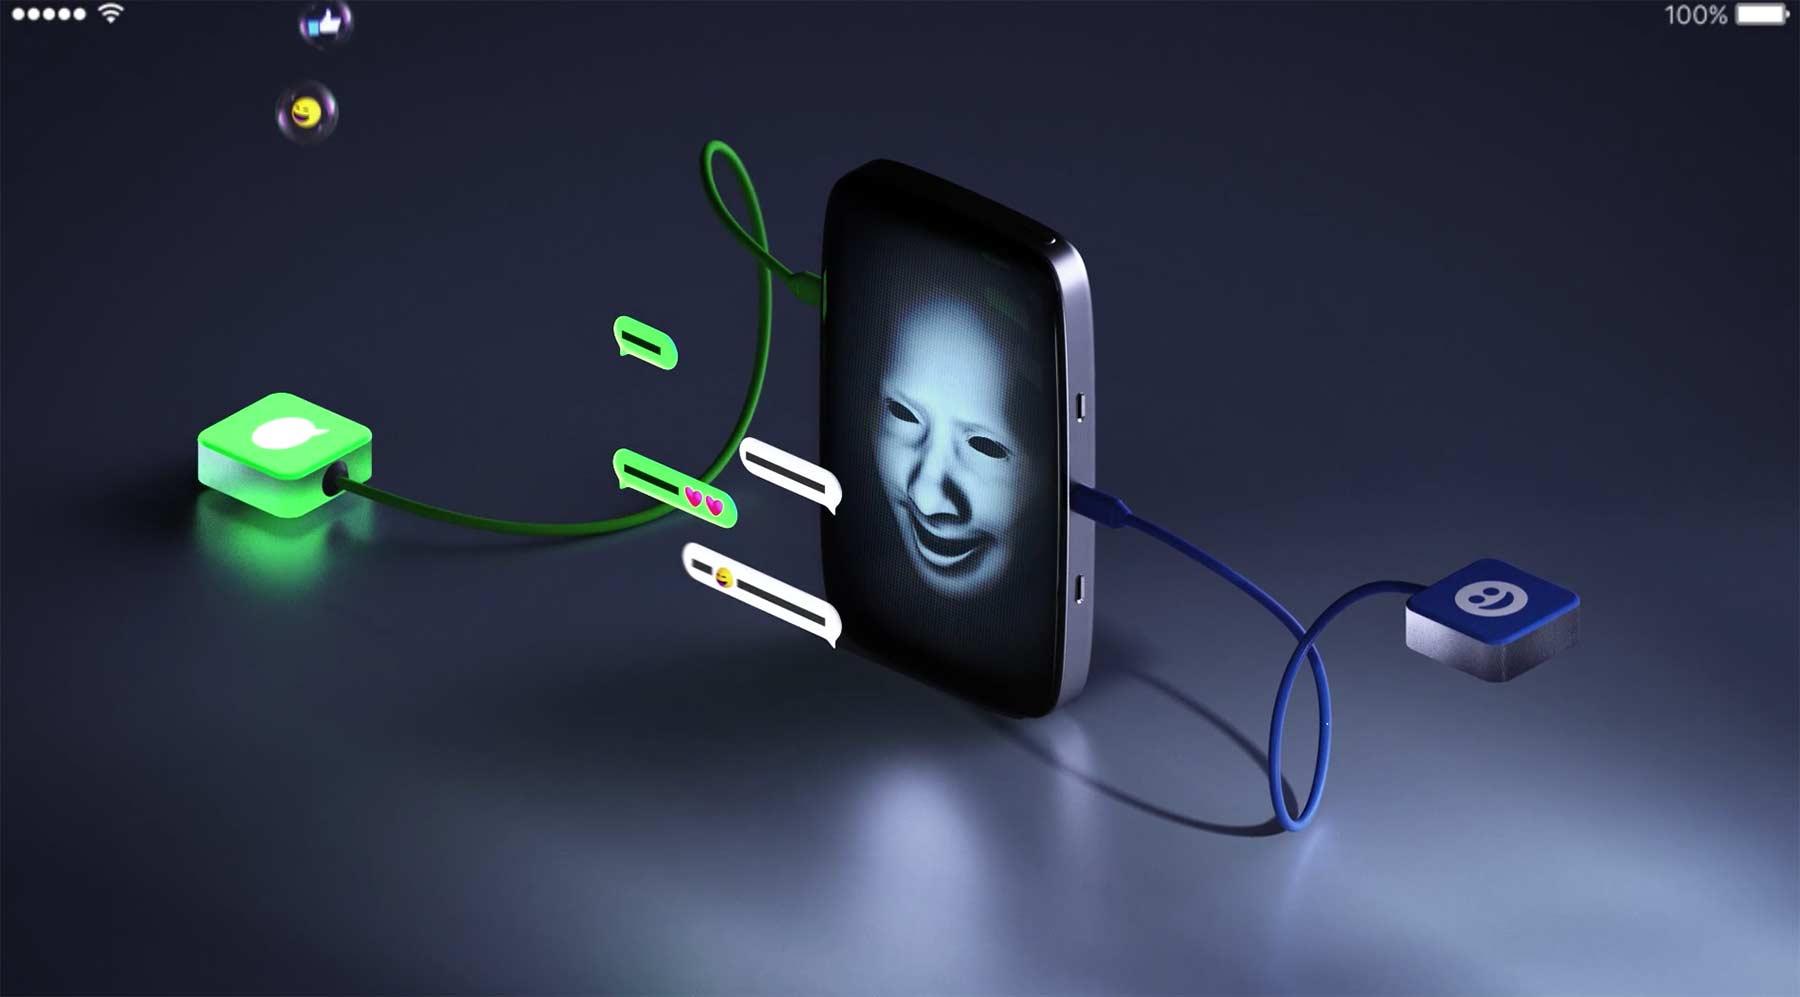 Wenn unser Gehirn ein Smartphone wäre